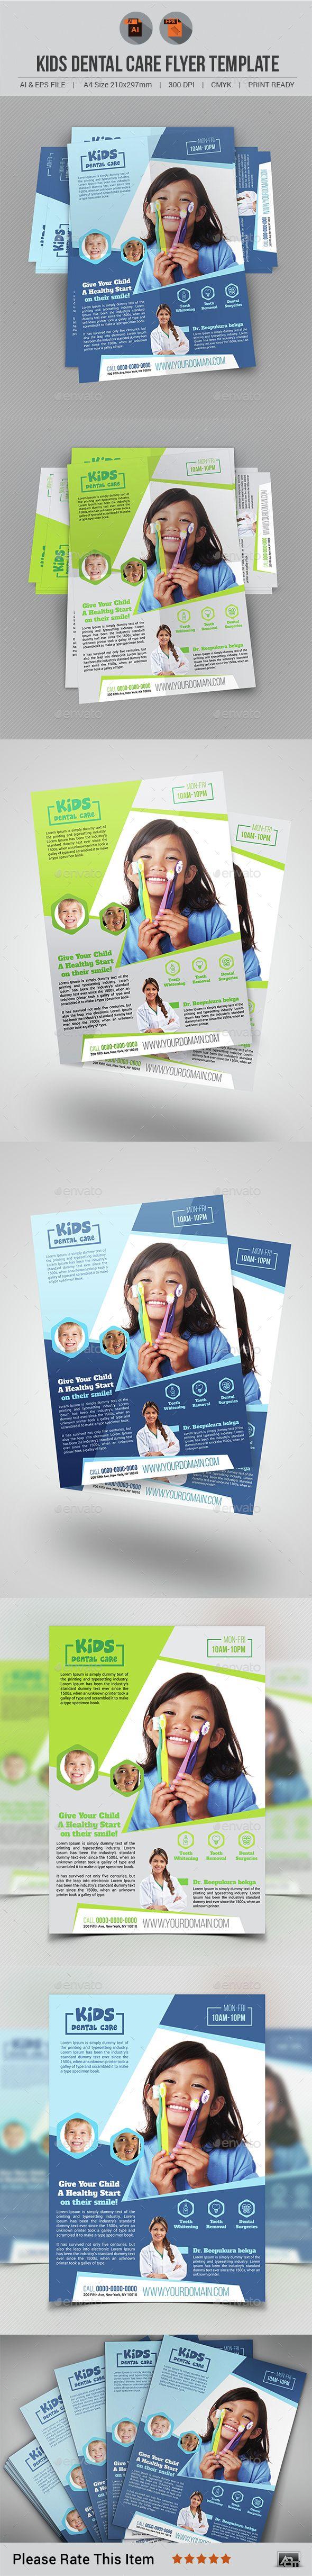 Kids Dental Care Flyer